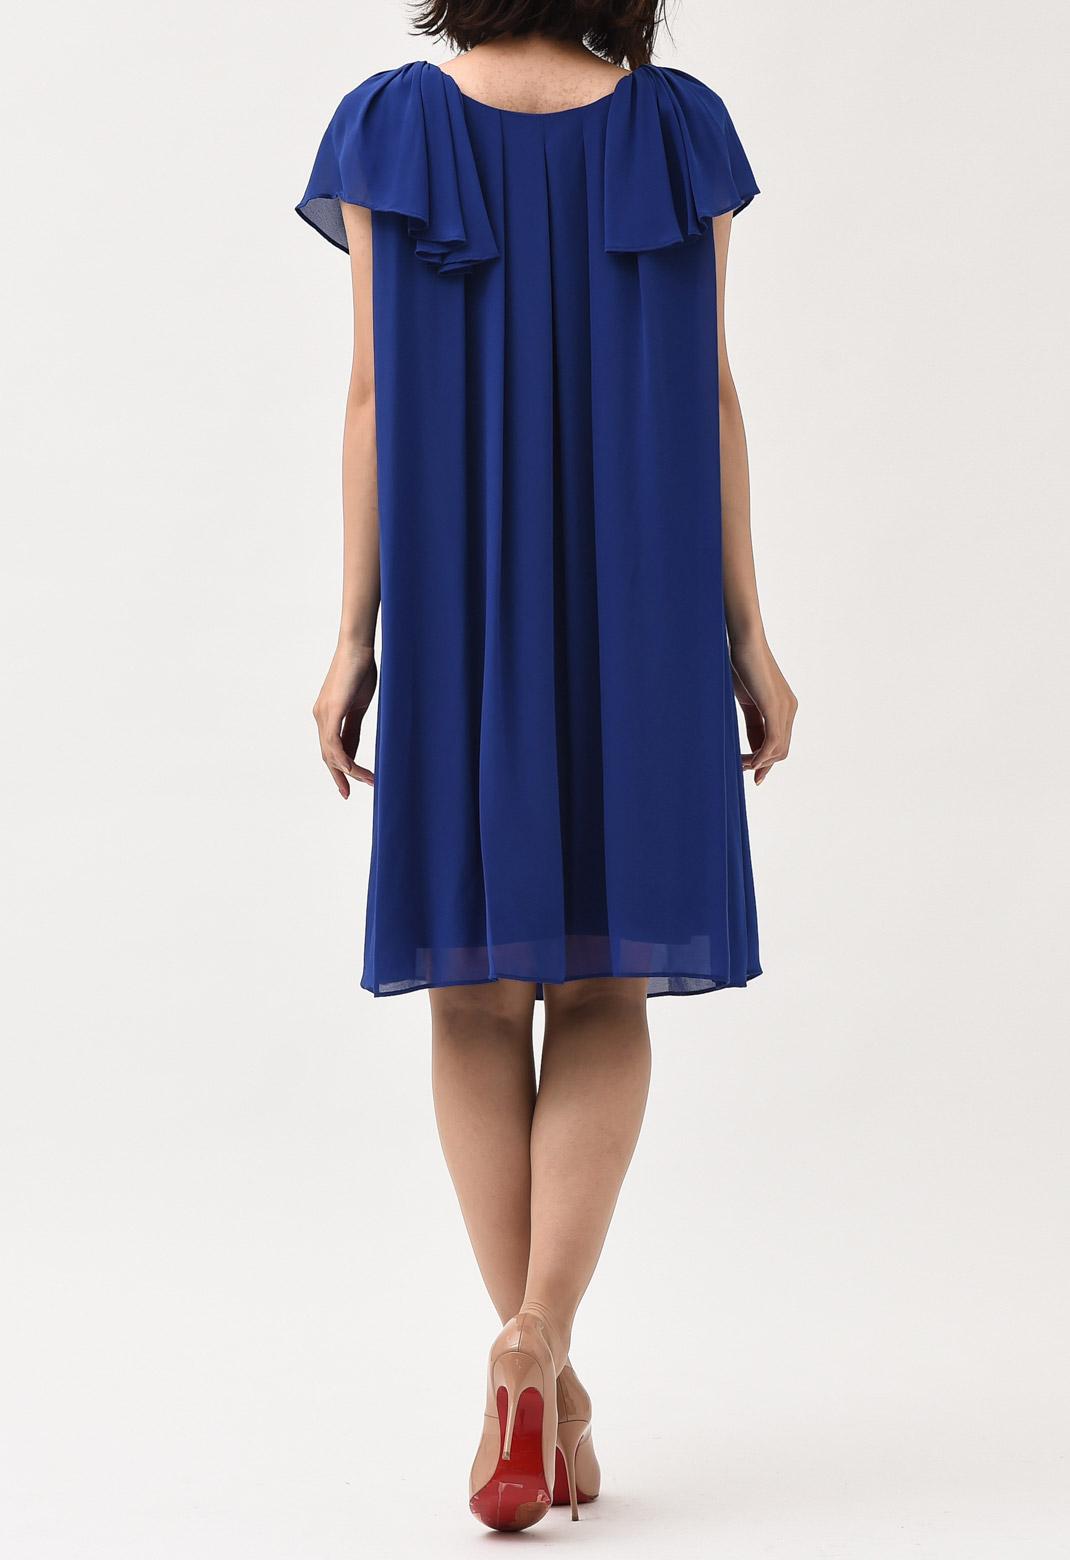 半袖/ノースリーブ 2way クルーネック ドレス